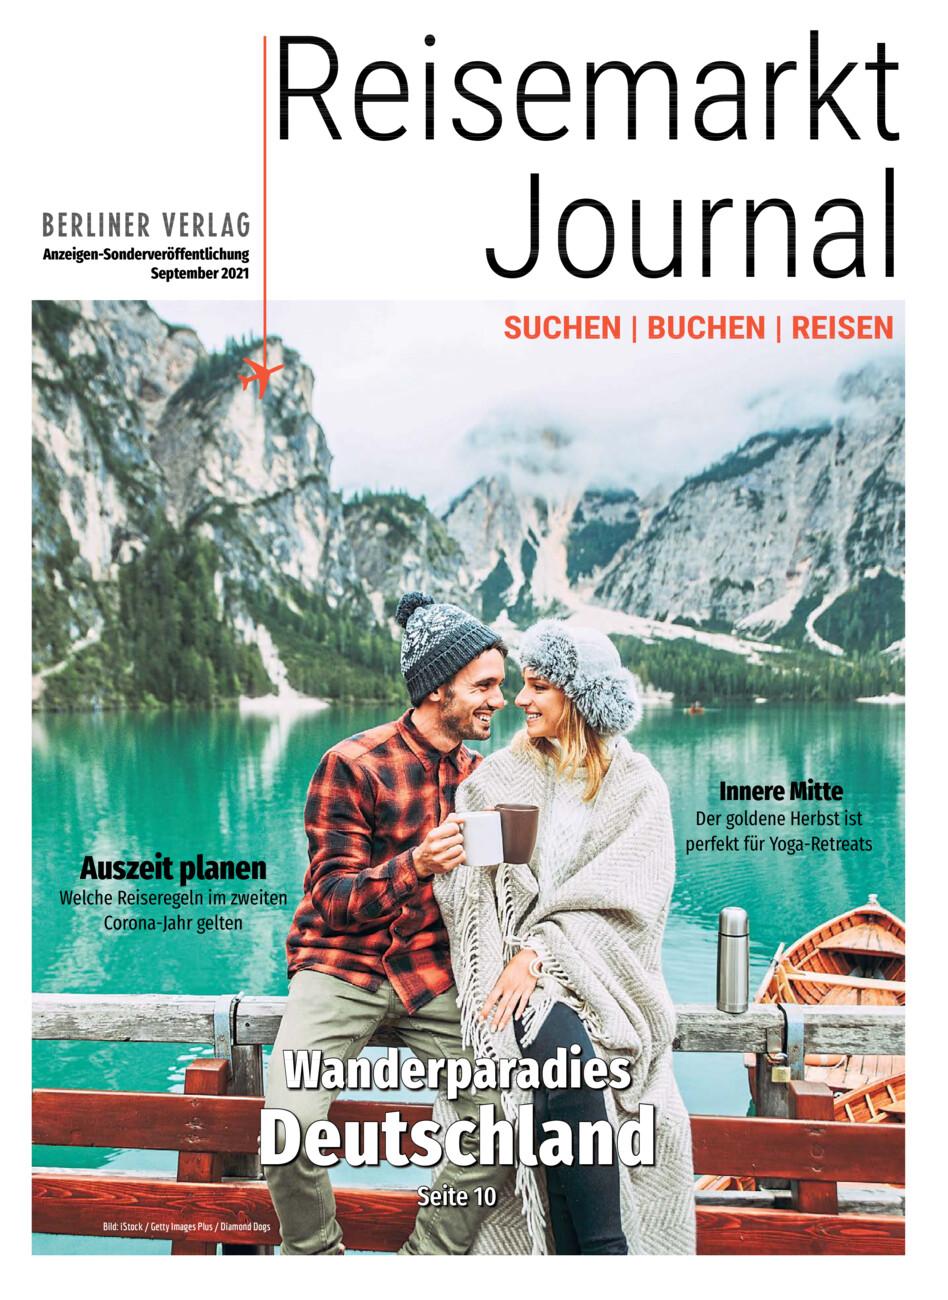 Reisemarktjournal vom Samstag, 25.09.2021